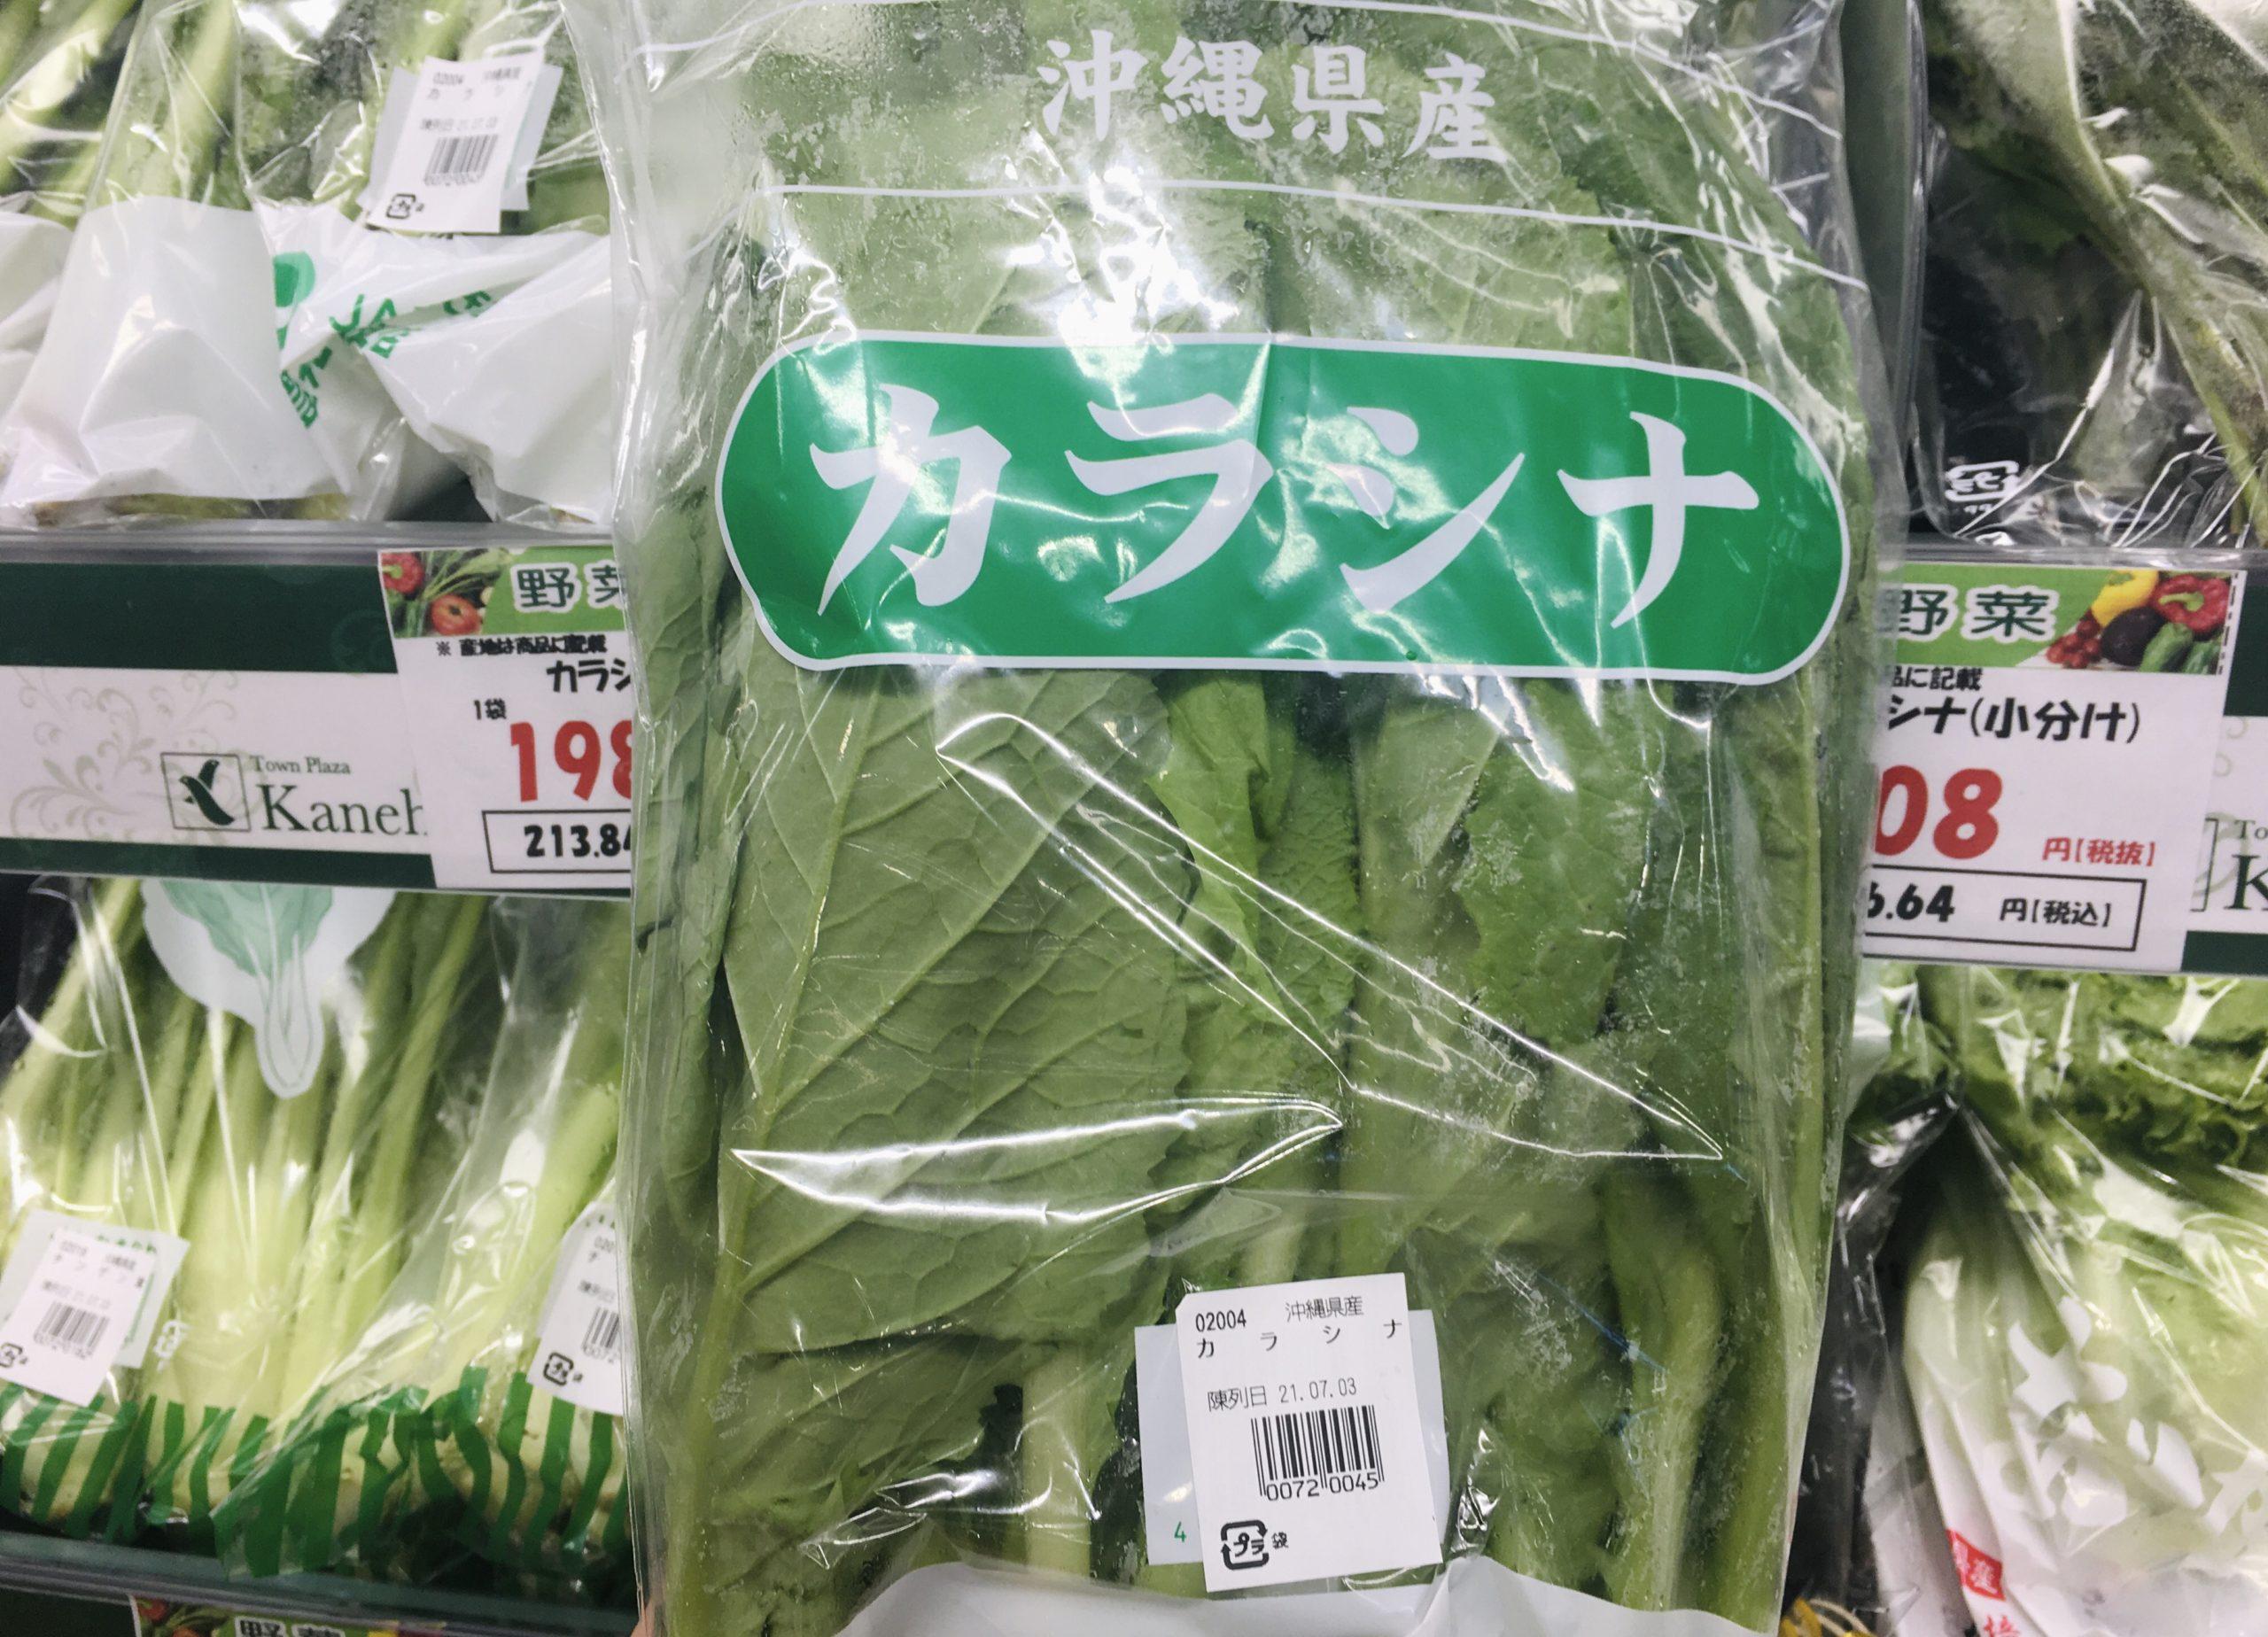 沖縄でカラシナを買ってみた